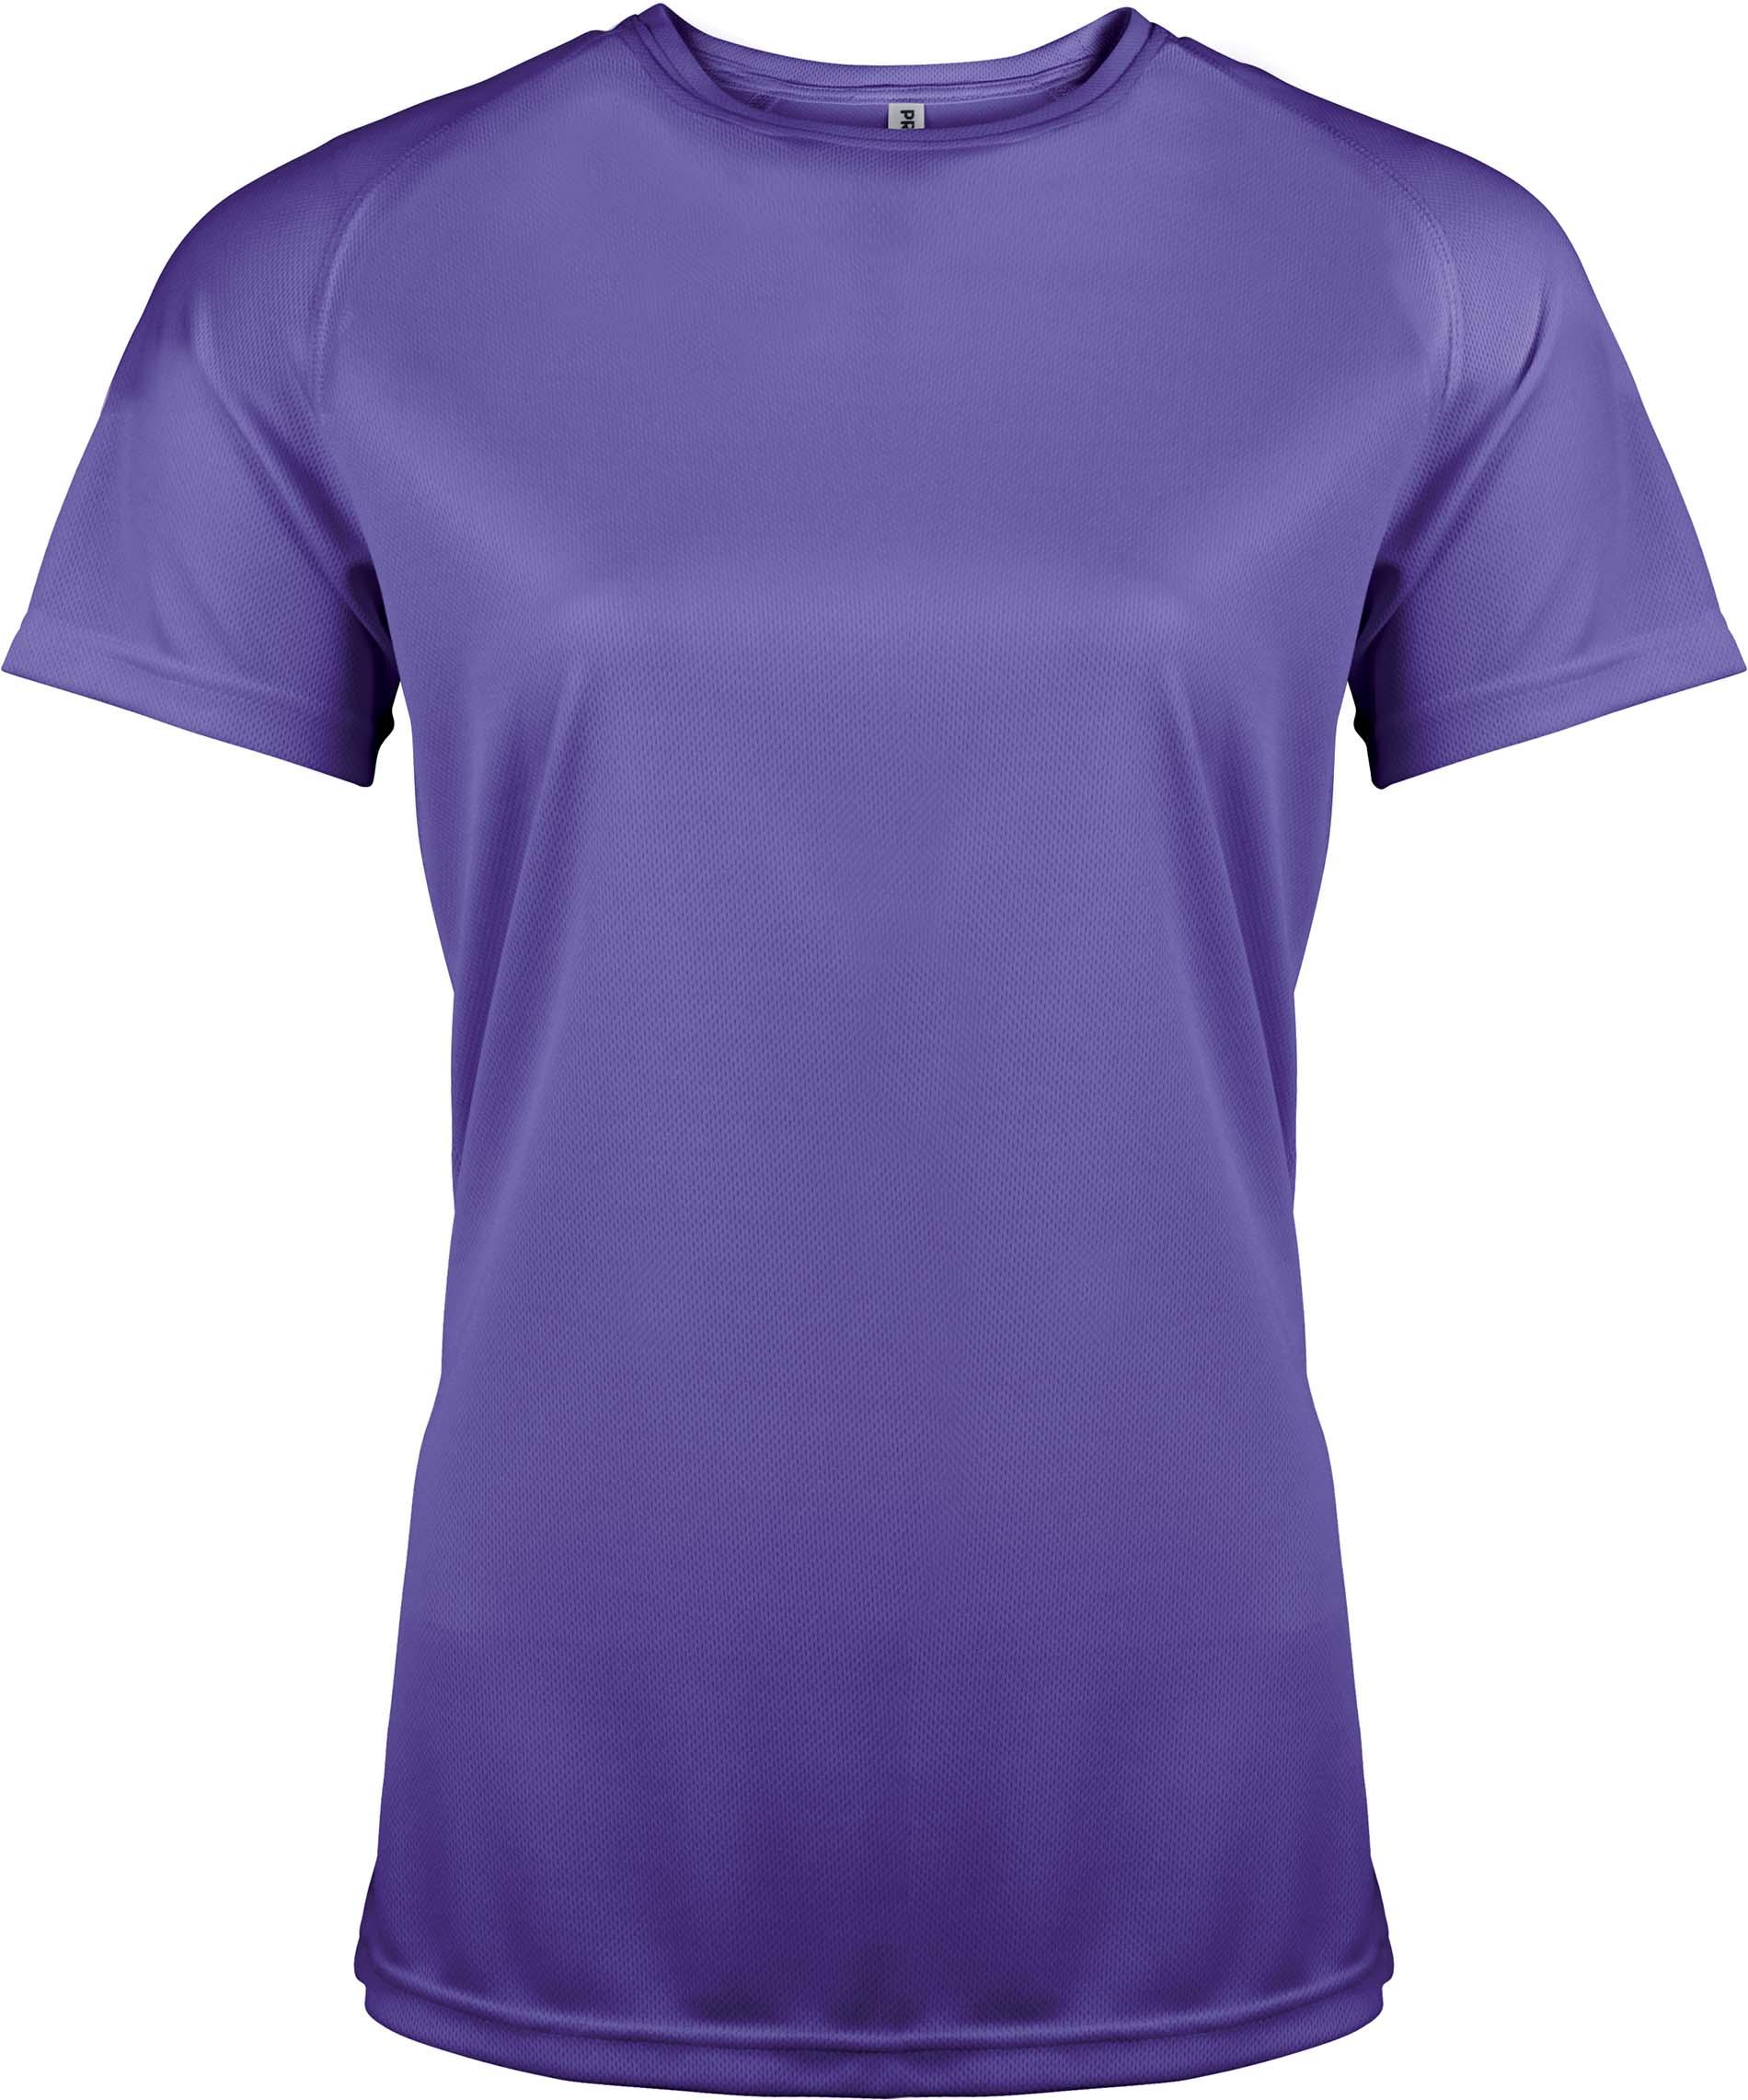 Naisten tekninen T-paita PA439 Violetti